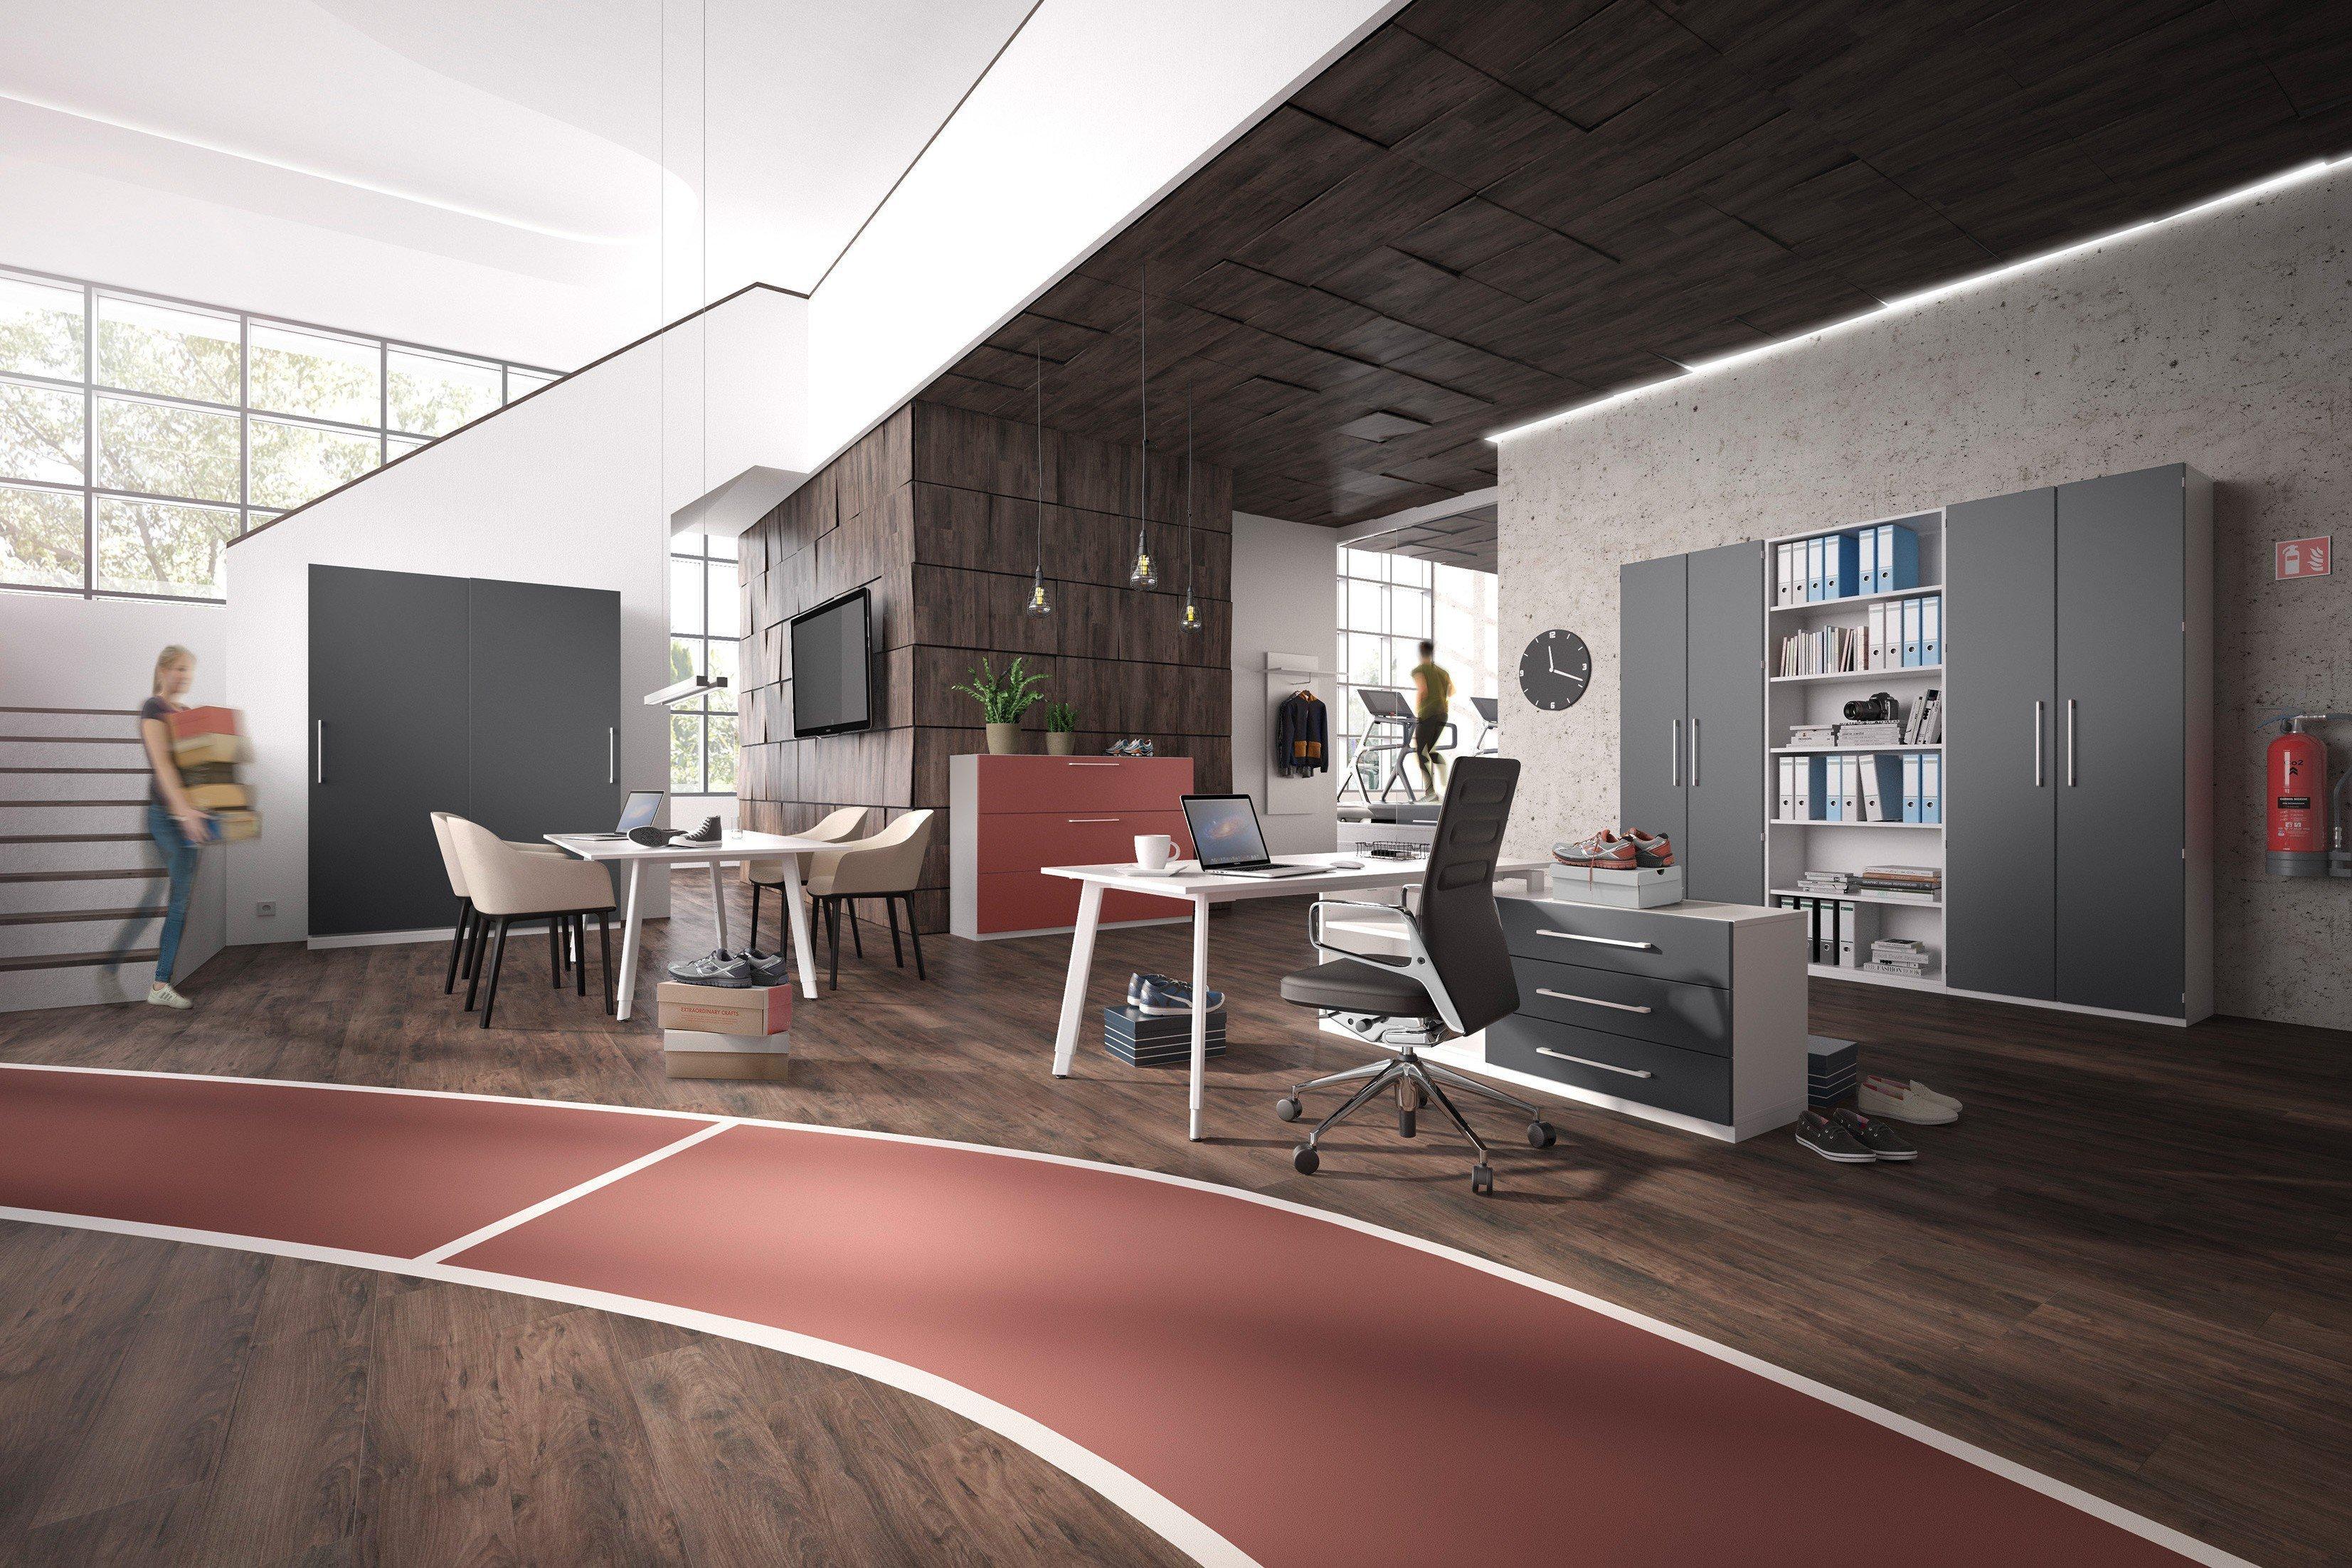 mit regal best schwenkbar mit regal with mit regal trendy best tisch regal raumteiler. Black Bedroom Furniture Sets. Home Design Ideas